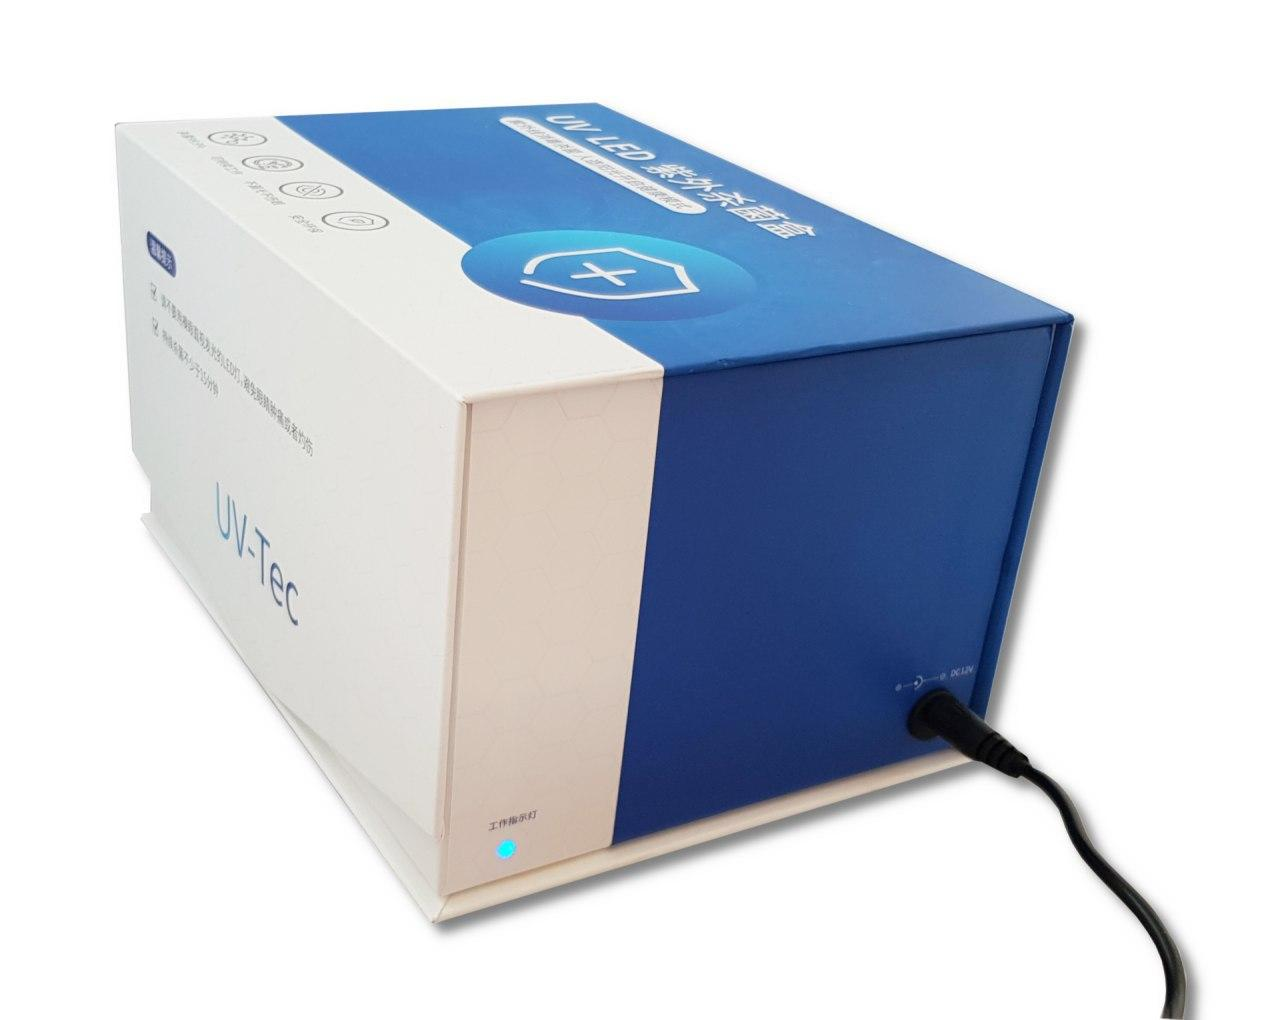 Ультрафиолетовый светодиодный стерилизатор